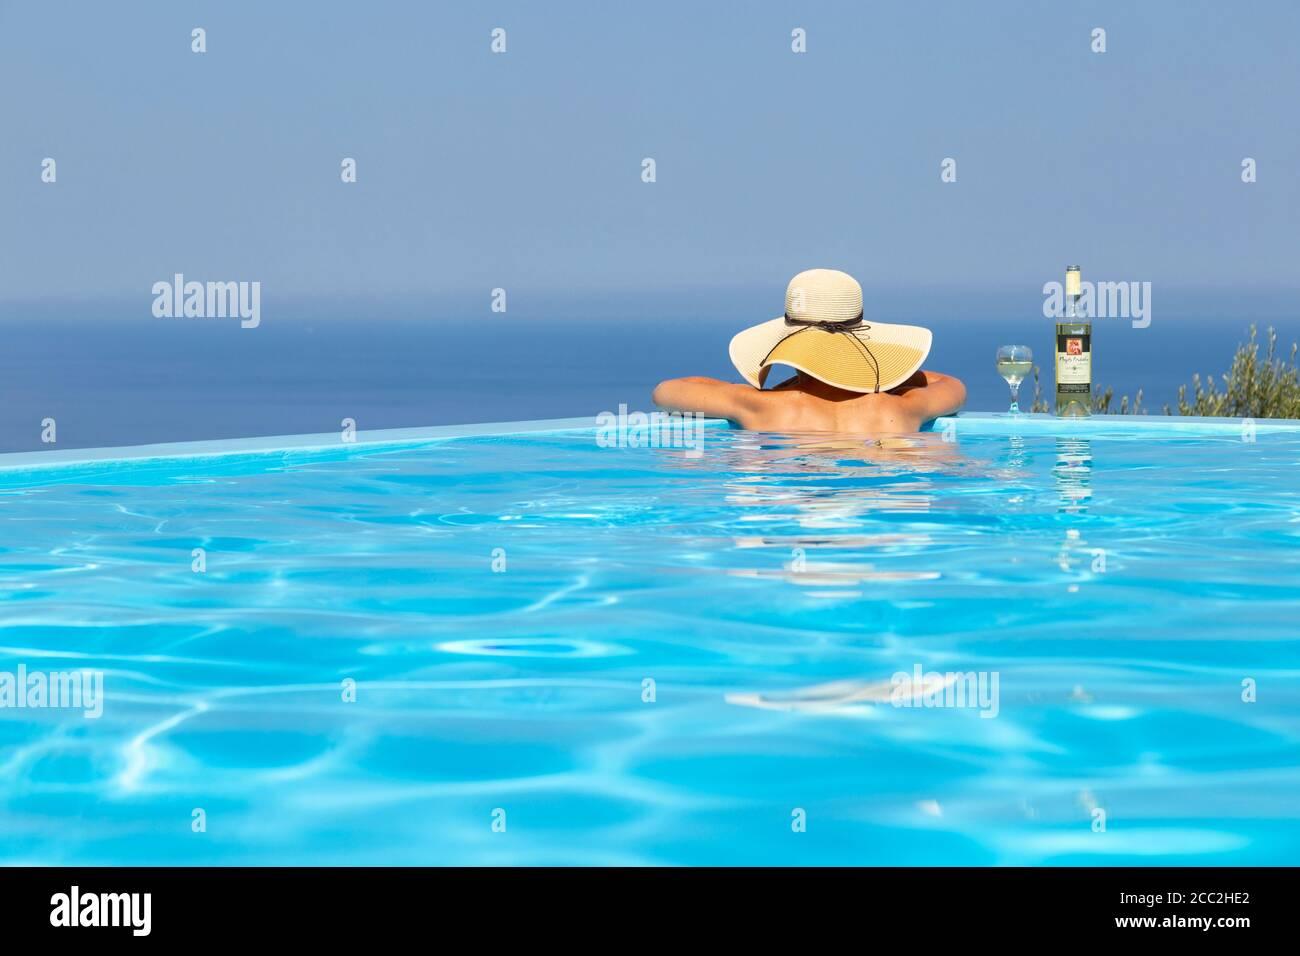 Una ragazza in un cappello da sole con una bottiglia di vino poggiata sul bordo di una piscina infinity e guardando verso il mare, Lefkada, Isole IONIE, Grecia Foto Stock